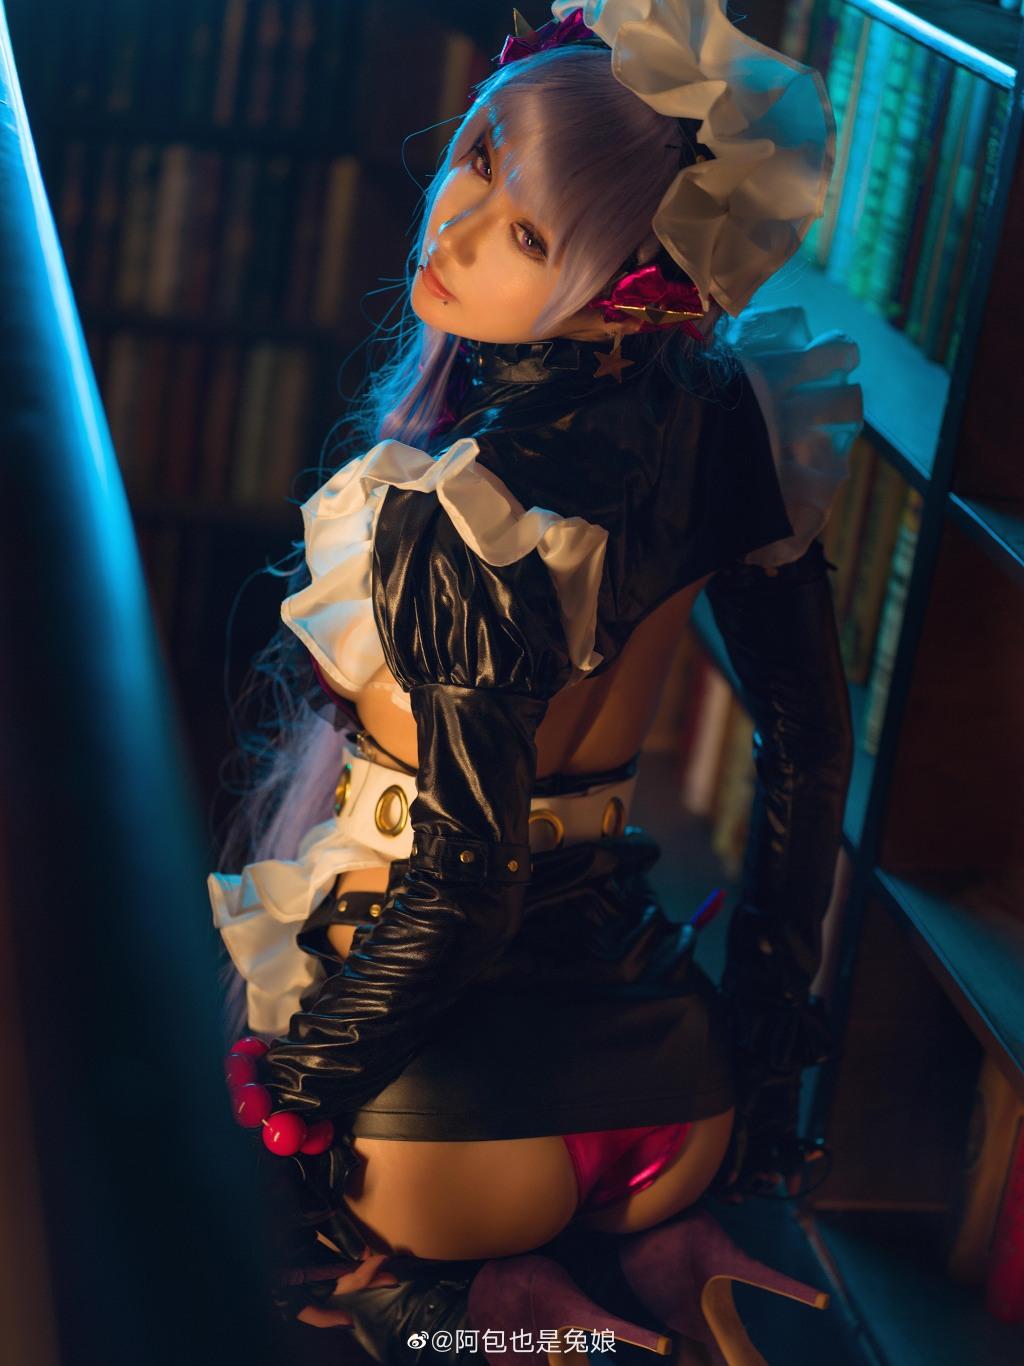 @阿包也是兔娘 #fate 图片上的黑影真打错地方了吧!-觅爱图